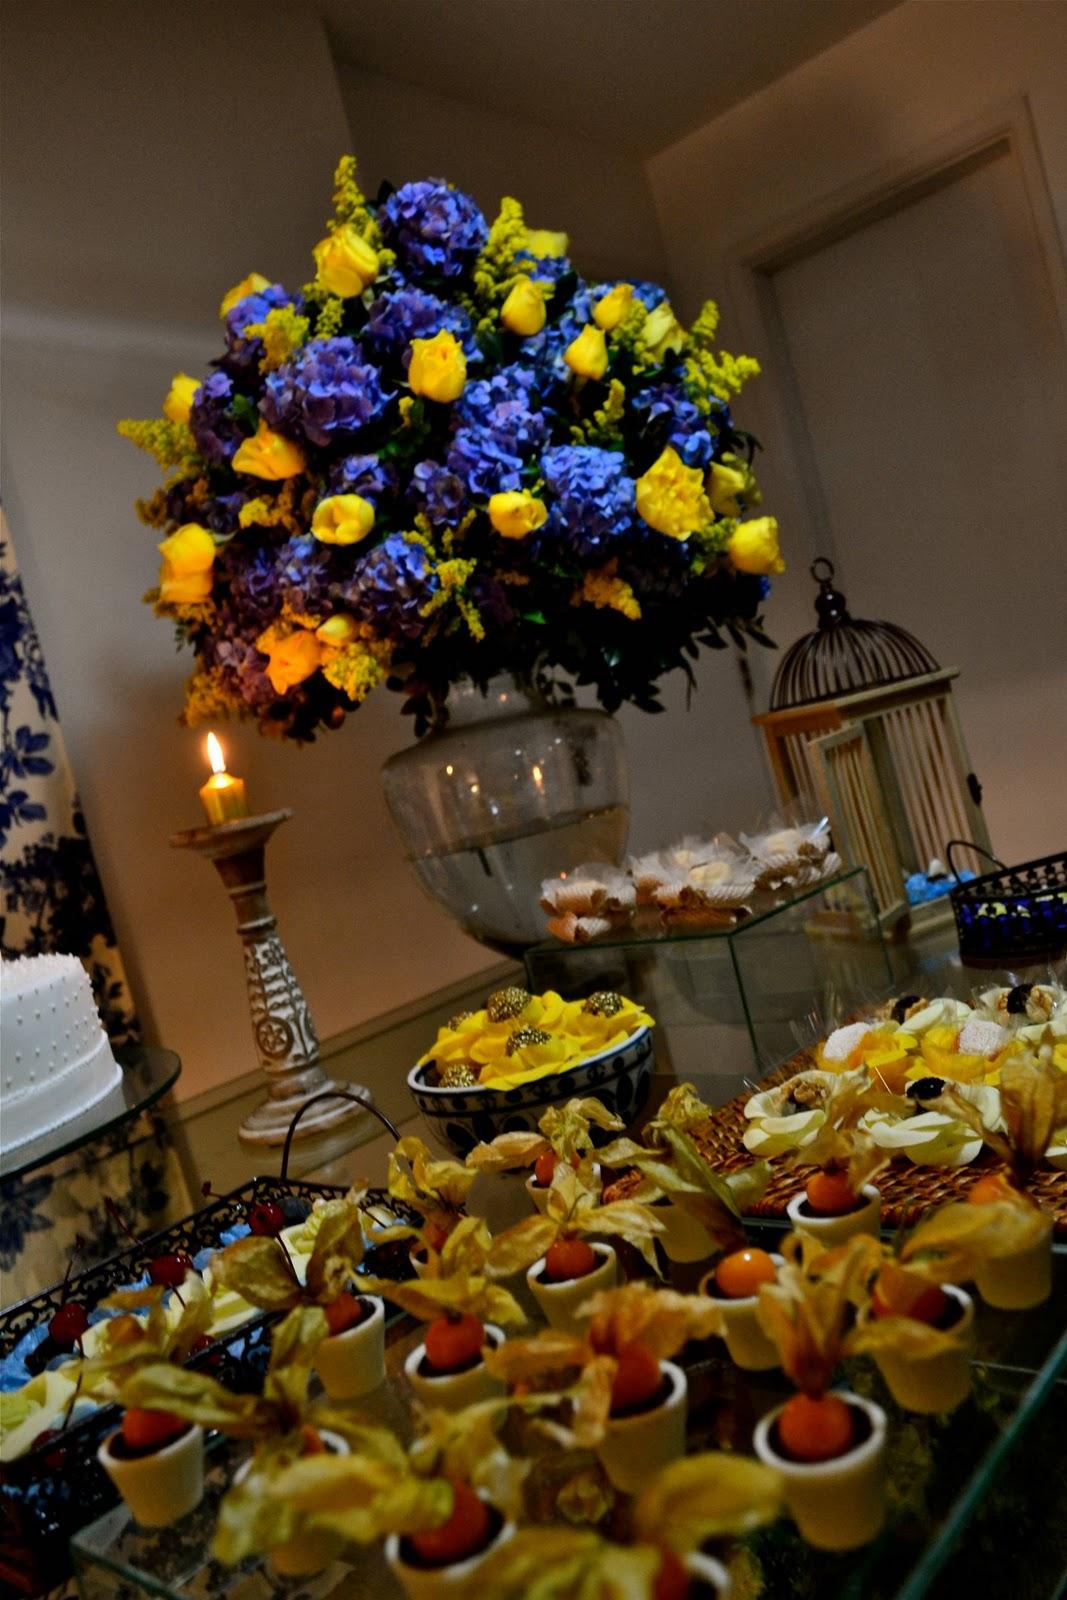 imagens de decoracao de casamento azul e amarelo : imagens de decoracao de casamento azul e amarelo:Ficando noiva: Decoração: Azul e Amarelo